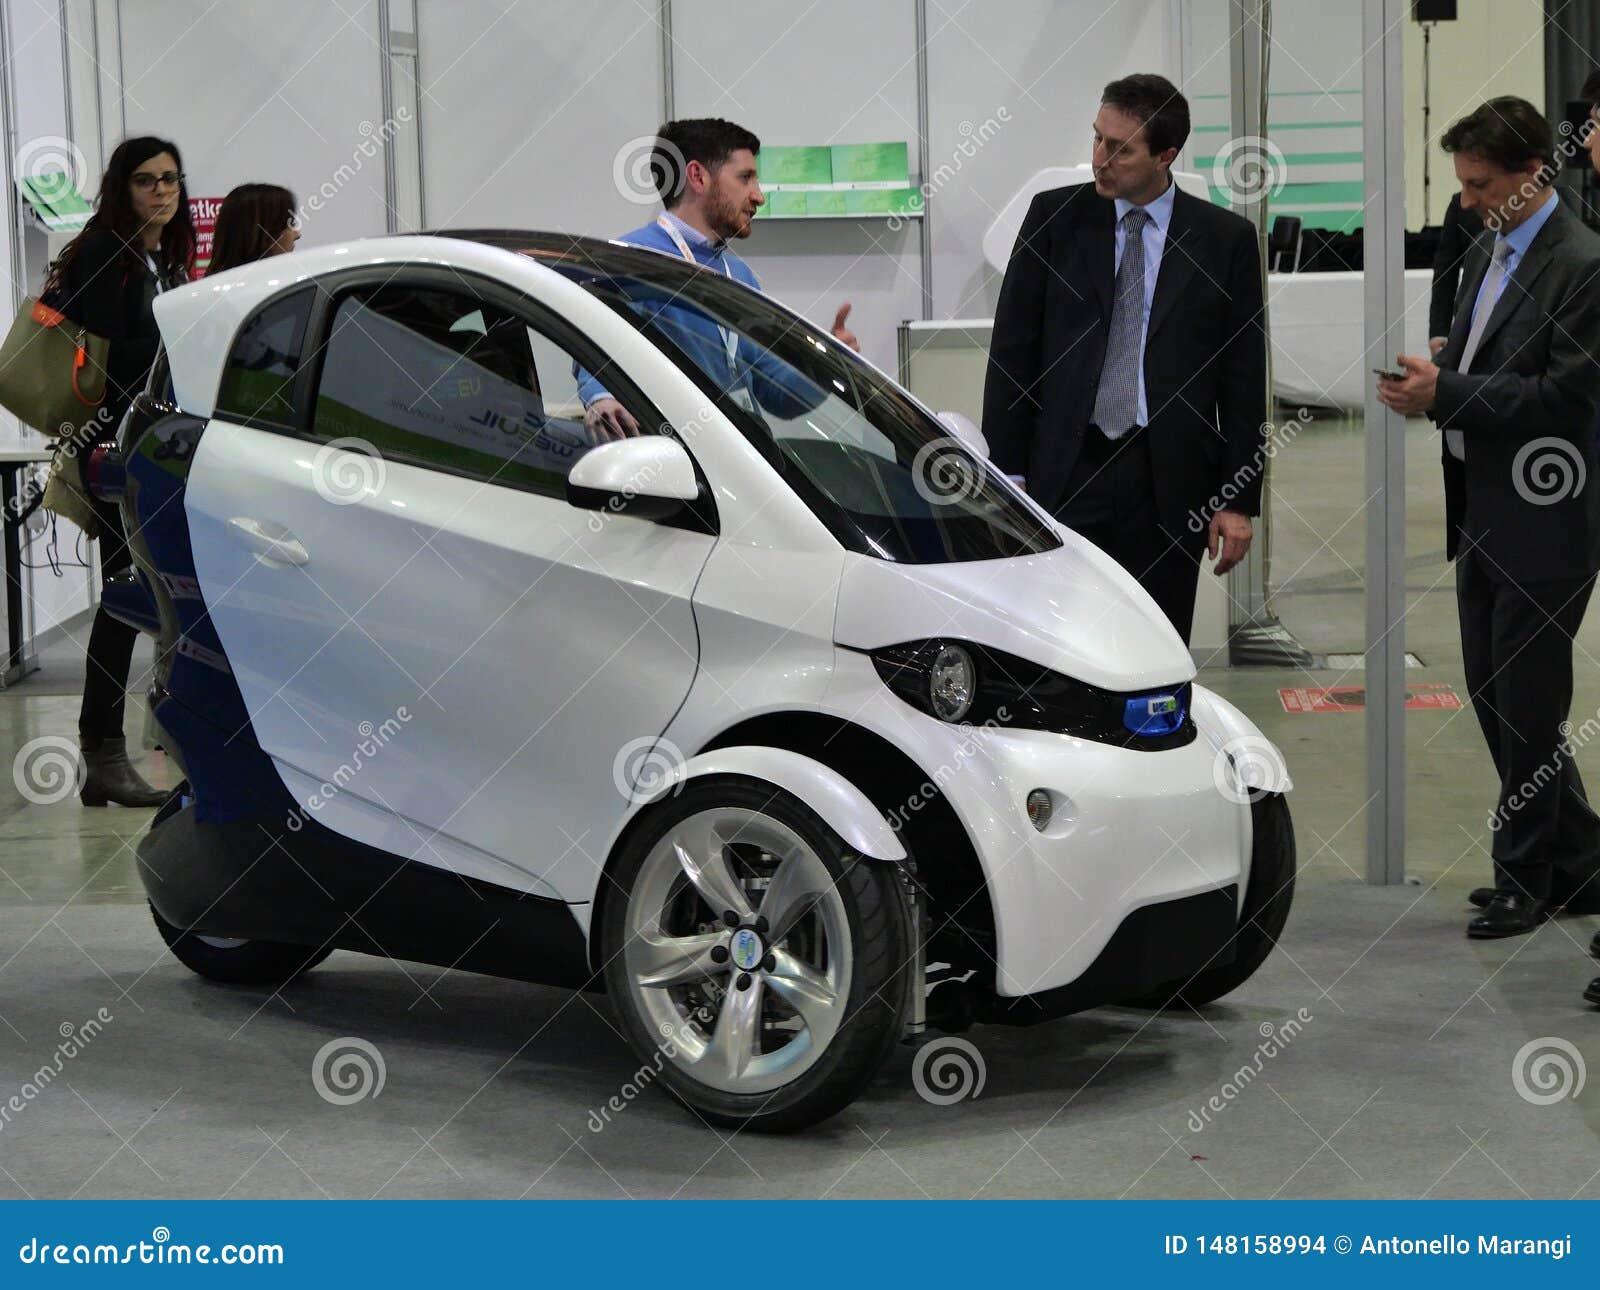 Το ιταλικό πανεπιστήμιο των σπουδαστών σχεδίου παρουσιάζει ένα όχημα πρωτοτύπων για τη βιώσιμη αστική κινητικότητα Τορίνο Ιταλία